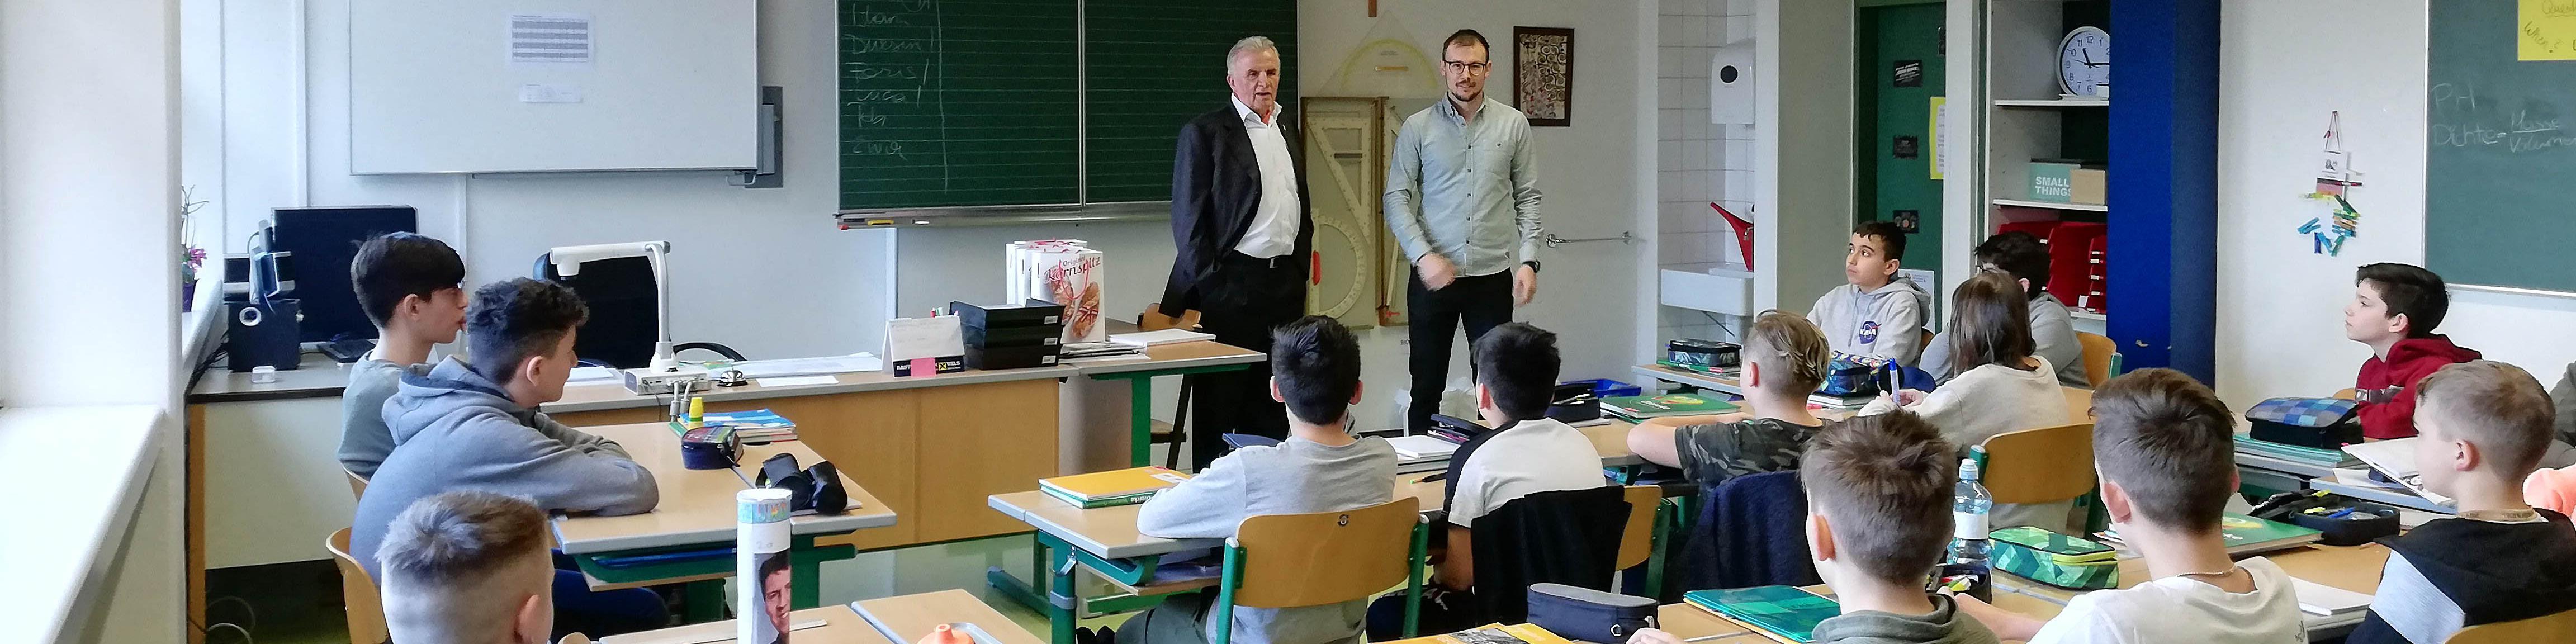 backaldrin, Teach for Austria